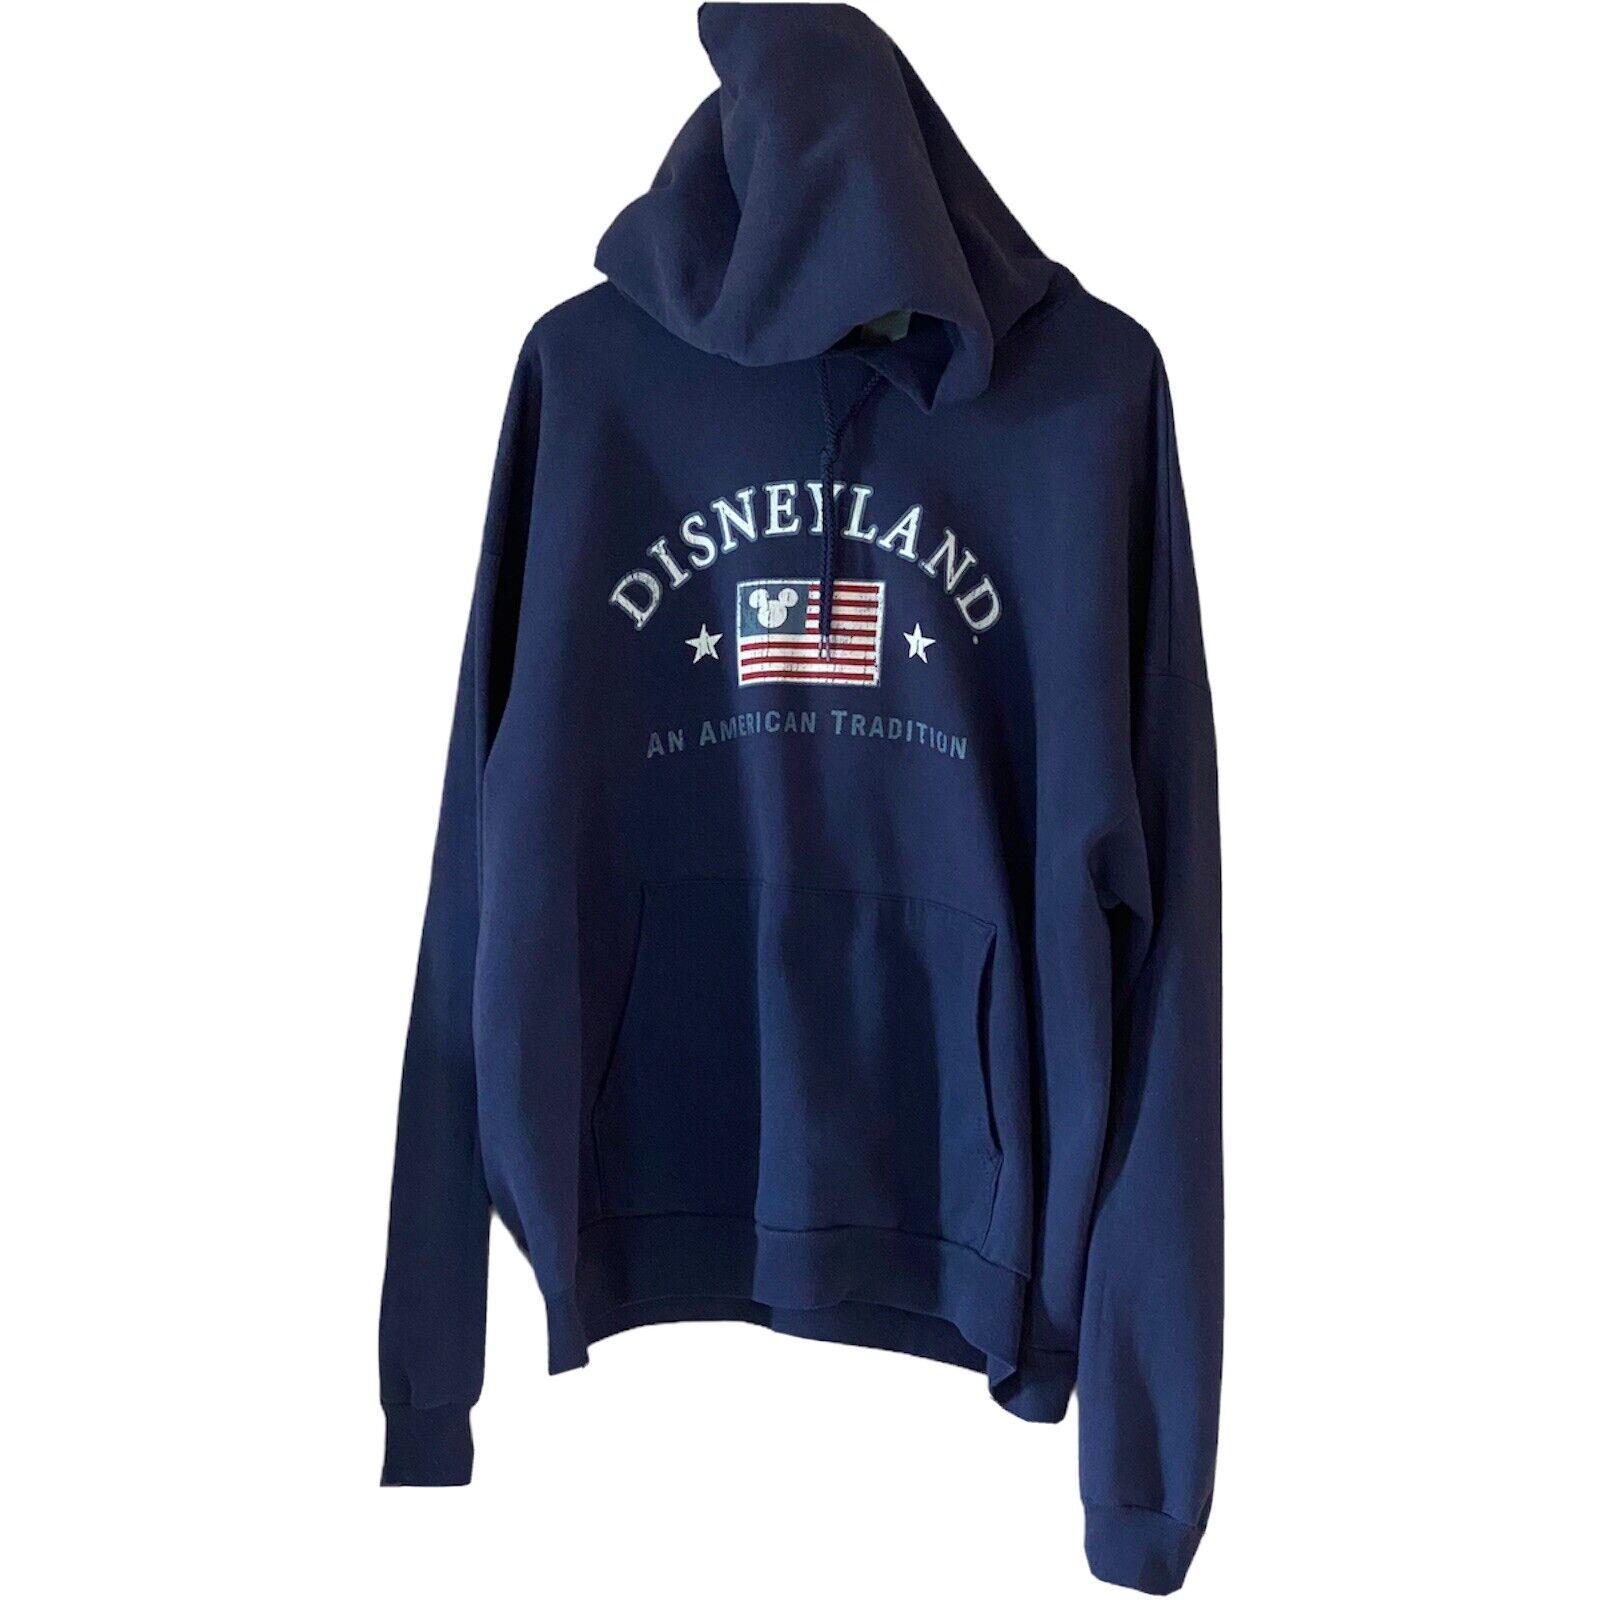 Vintage Disneyland Hoodie Men's Large Blue Hooded Jumper Graphic Print Sweater